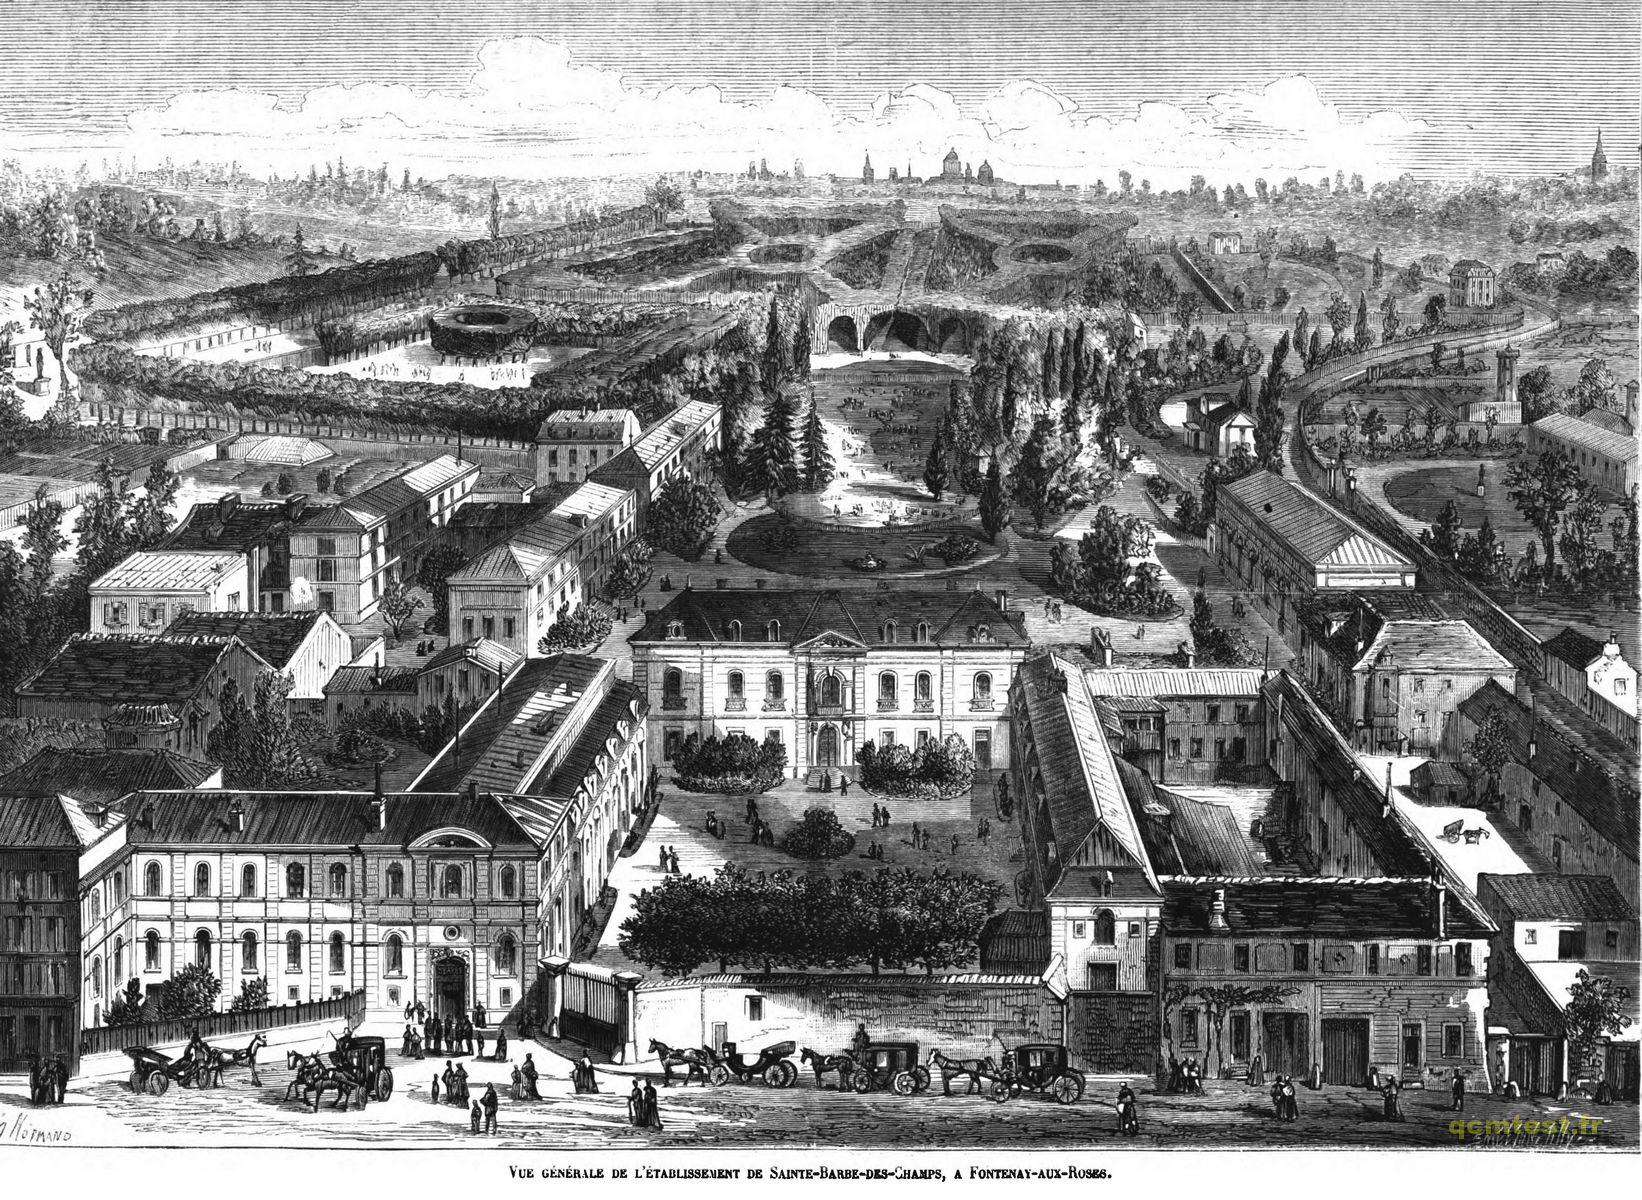 Vue générale de l'établissement de Sainte-Barbe-des-Champs, à Fontenay-aux-Roses.